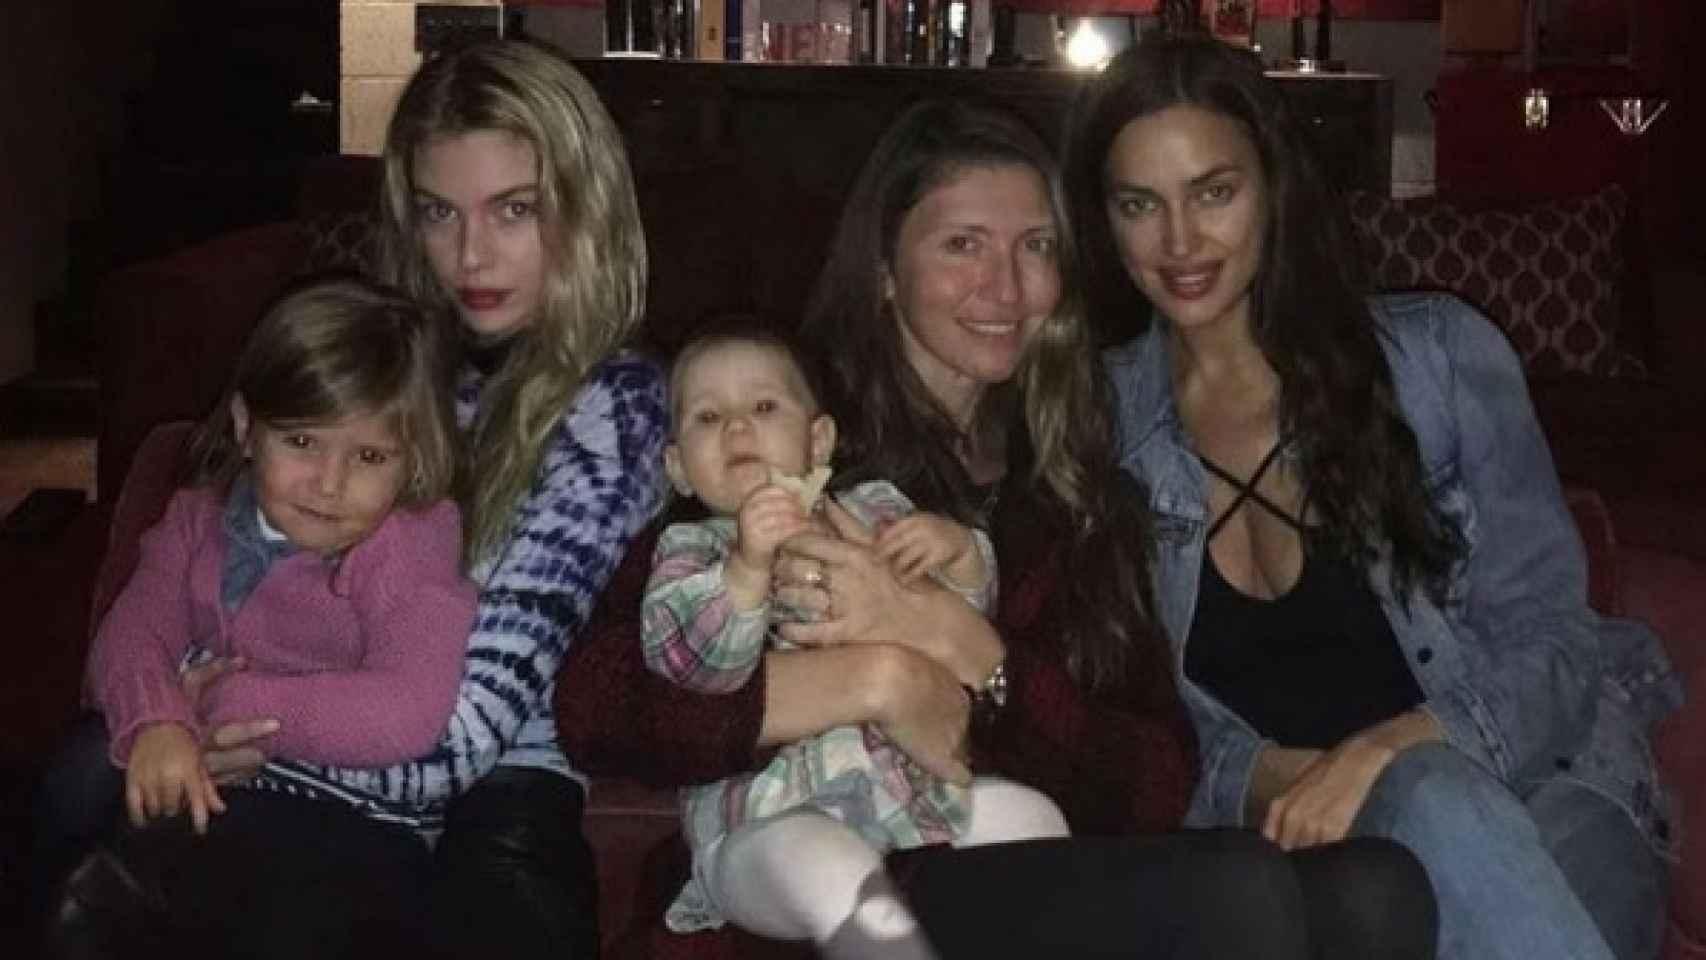 Stella Maxwell, a la izquierda, e Irina Shayk, a la derecha de la imagen, cenaron juntas con una amiga por Acción de Gracias.